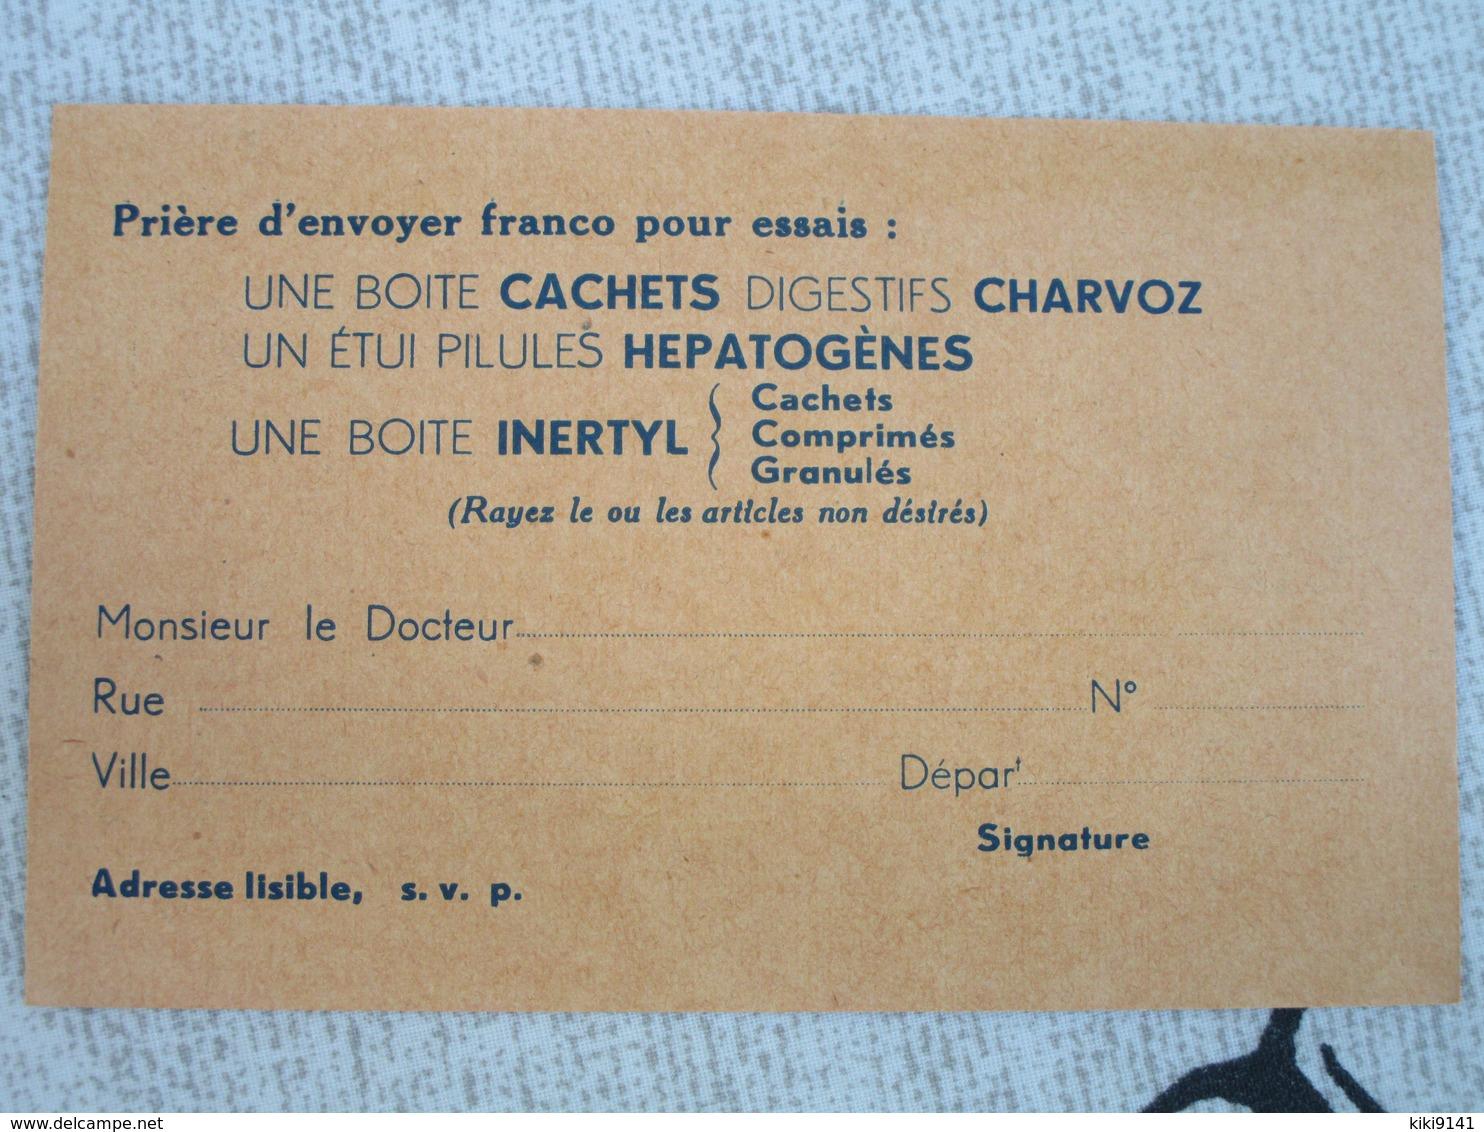 Laboratoires CHARVOZ - Démarchage Commercial - Caluire Et Cuire